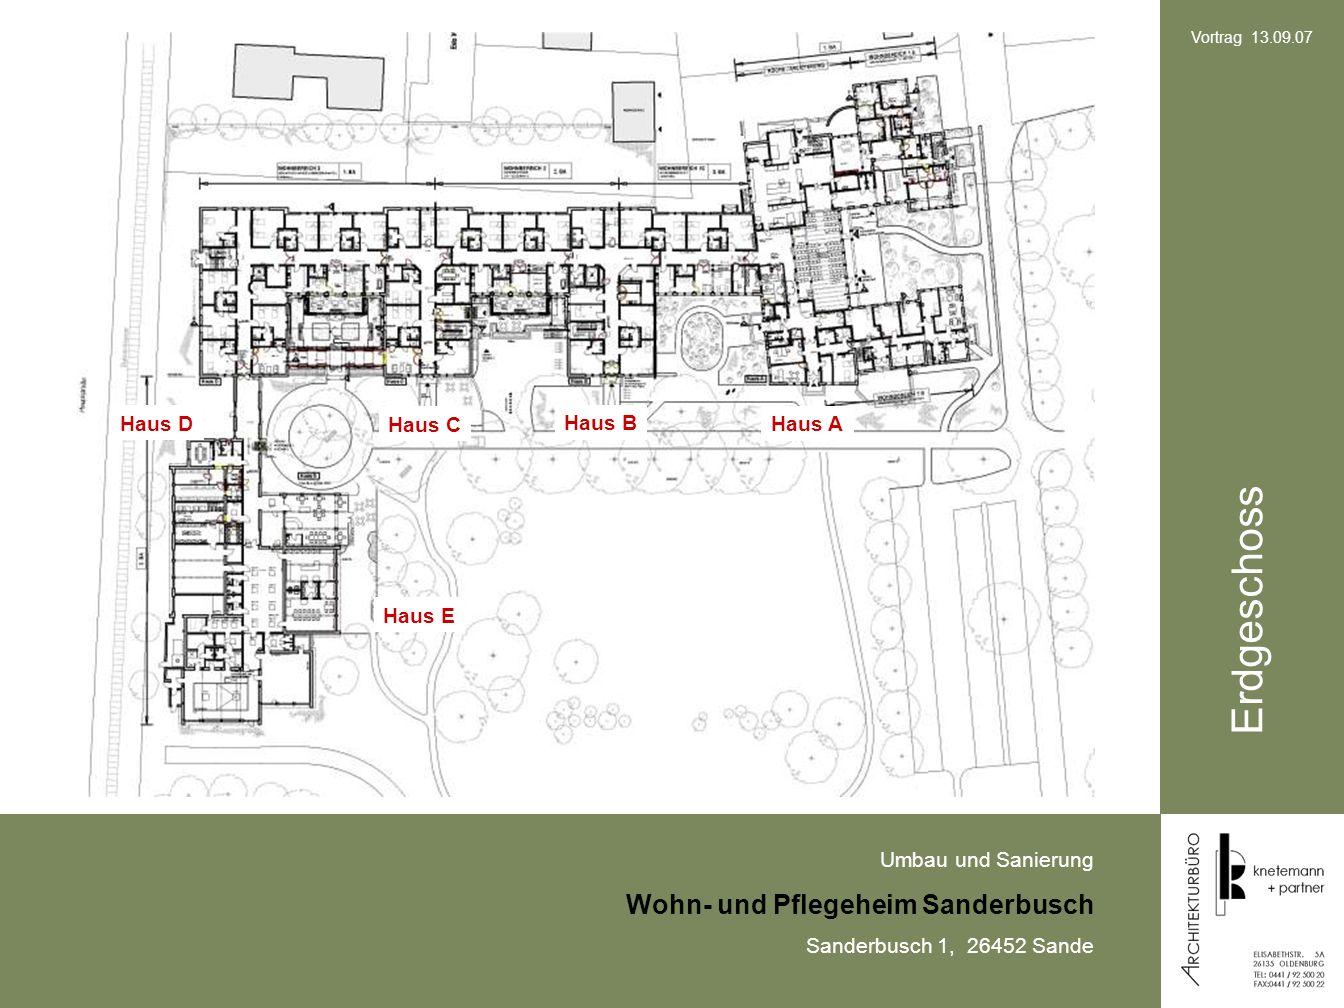 Umbau und Sanierung Wohn- und Pflegeheim Sanderbusch Sanderbusch 1, 26452 Sande Vortrag 13.09.07 Erdgeschoss Haus A Haus B Haus C Haus E Haus D